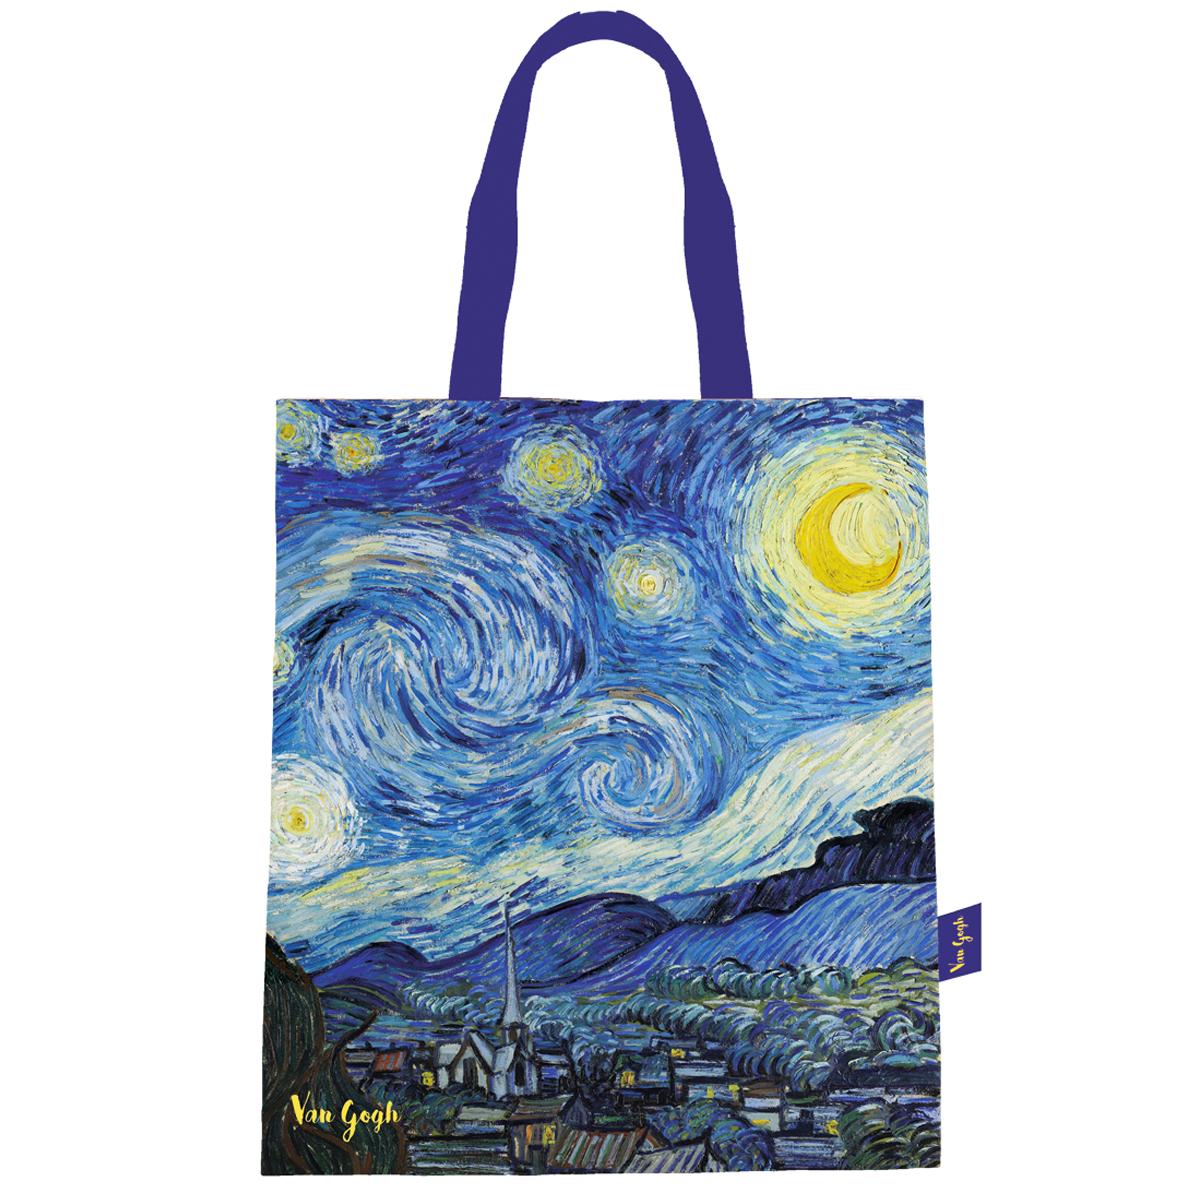 Sac coton / tote bag \'Vincent Van Gogh\' (La Nuit Etoilée) - 44x38 cm - [Q9249]